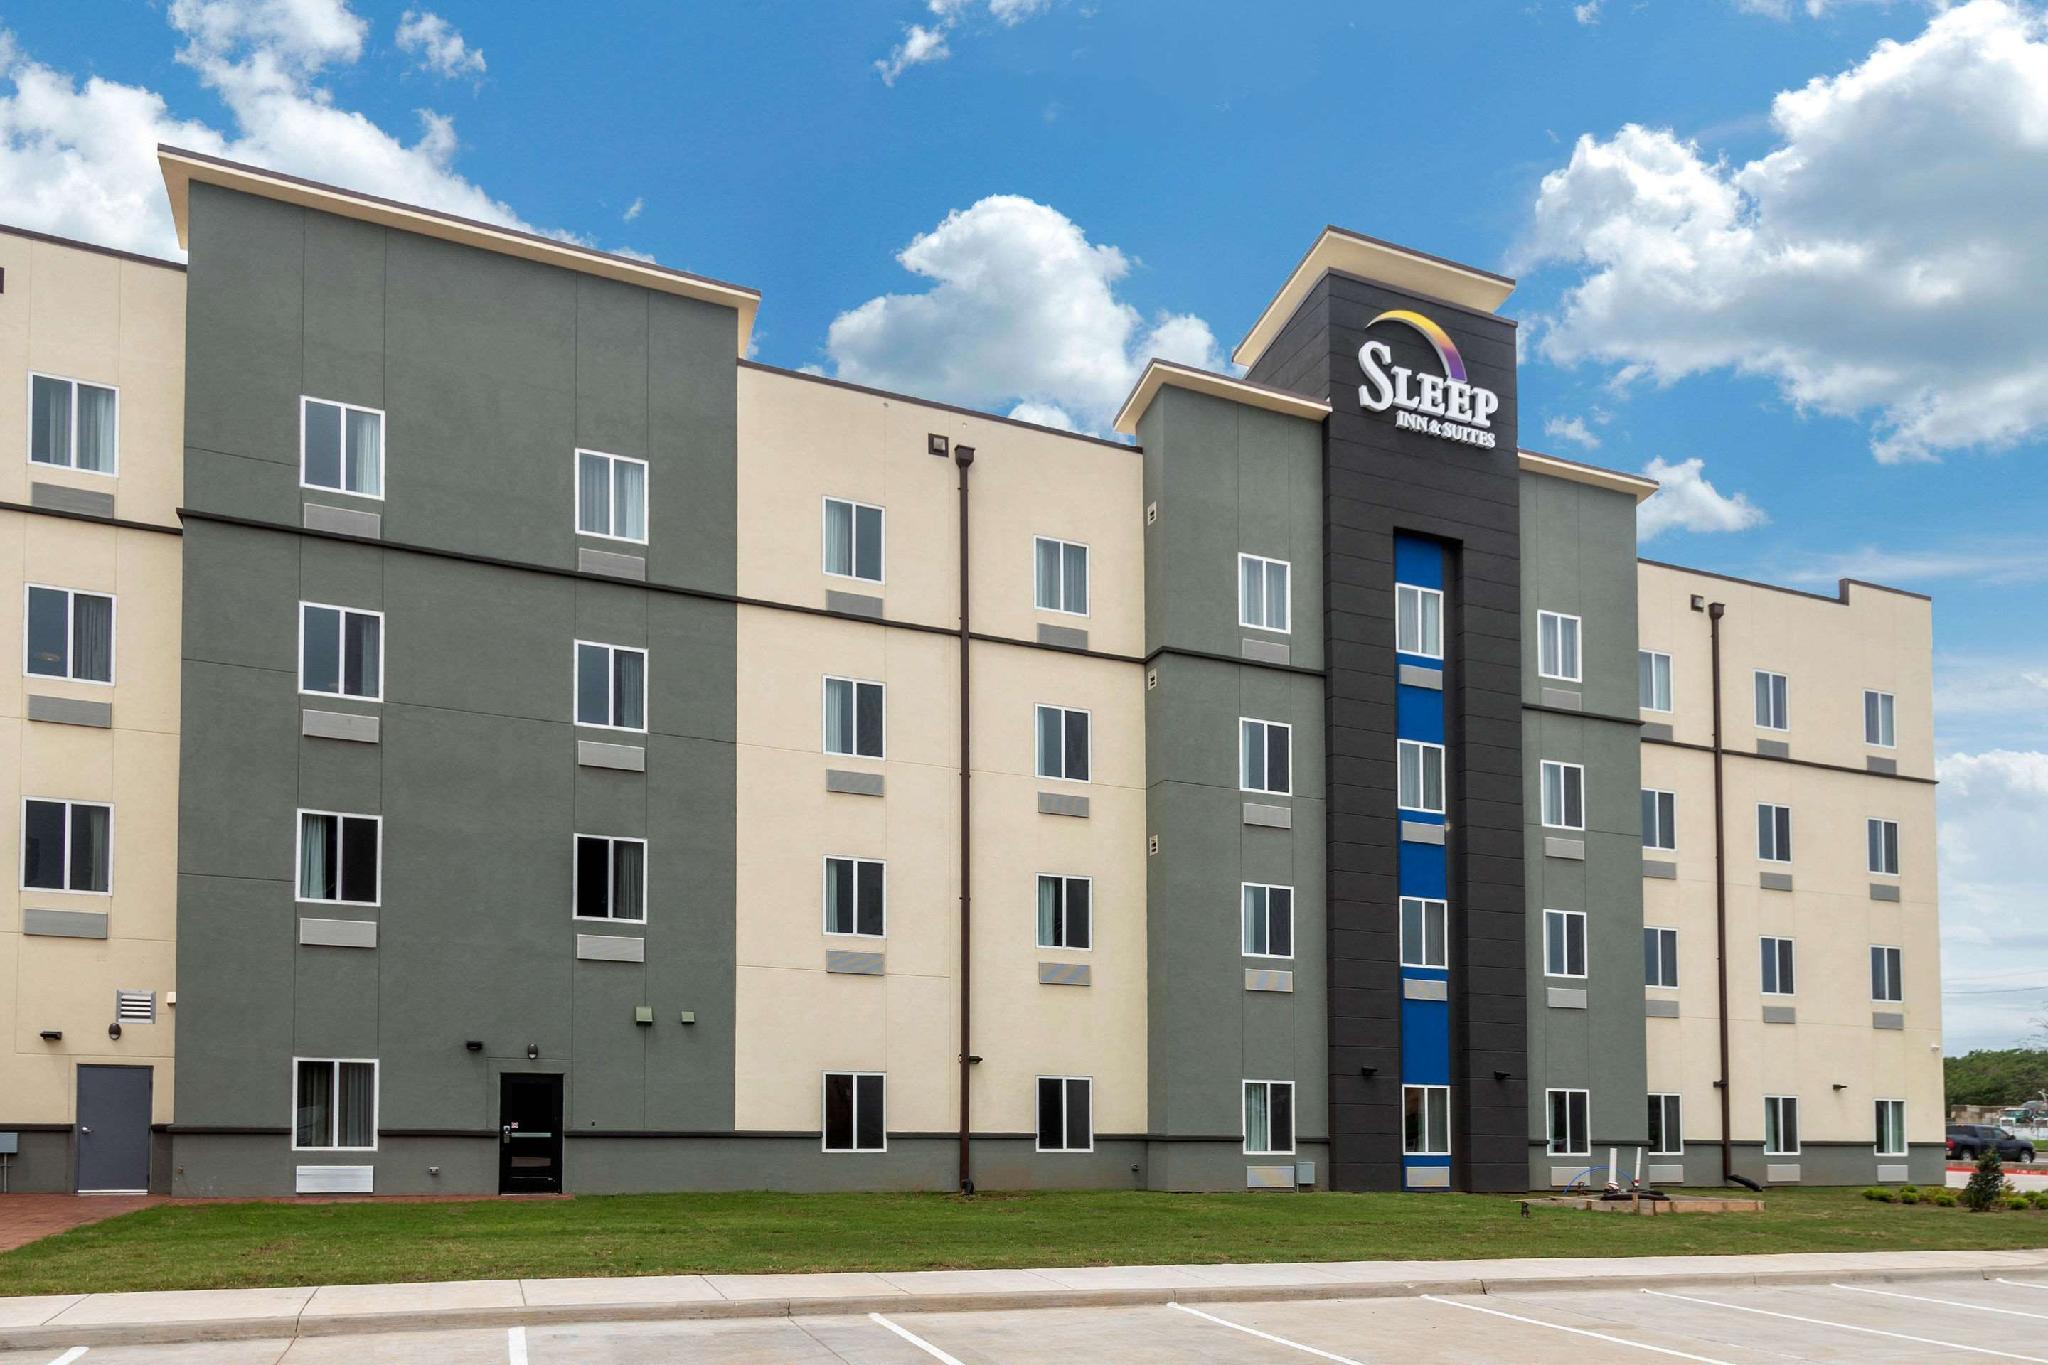 Sleep Inn And Suites Bricktown   Near Medical Center